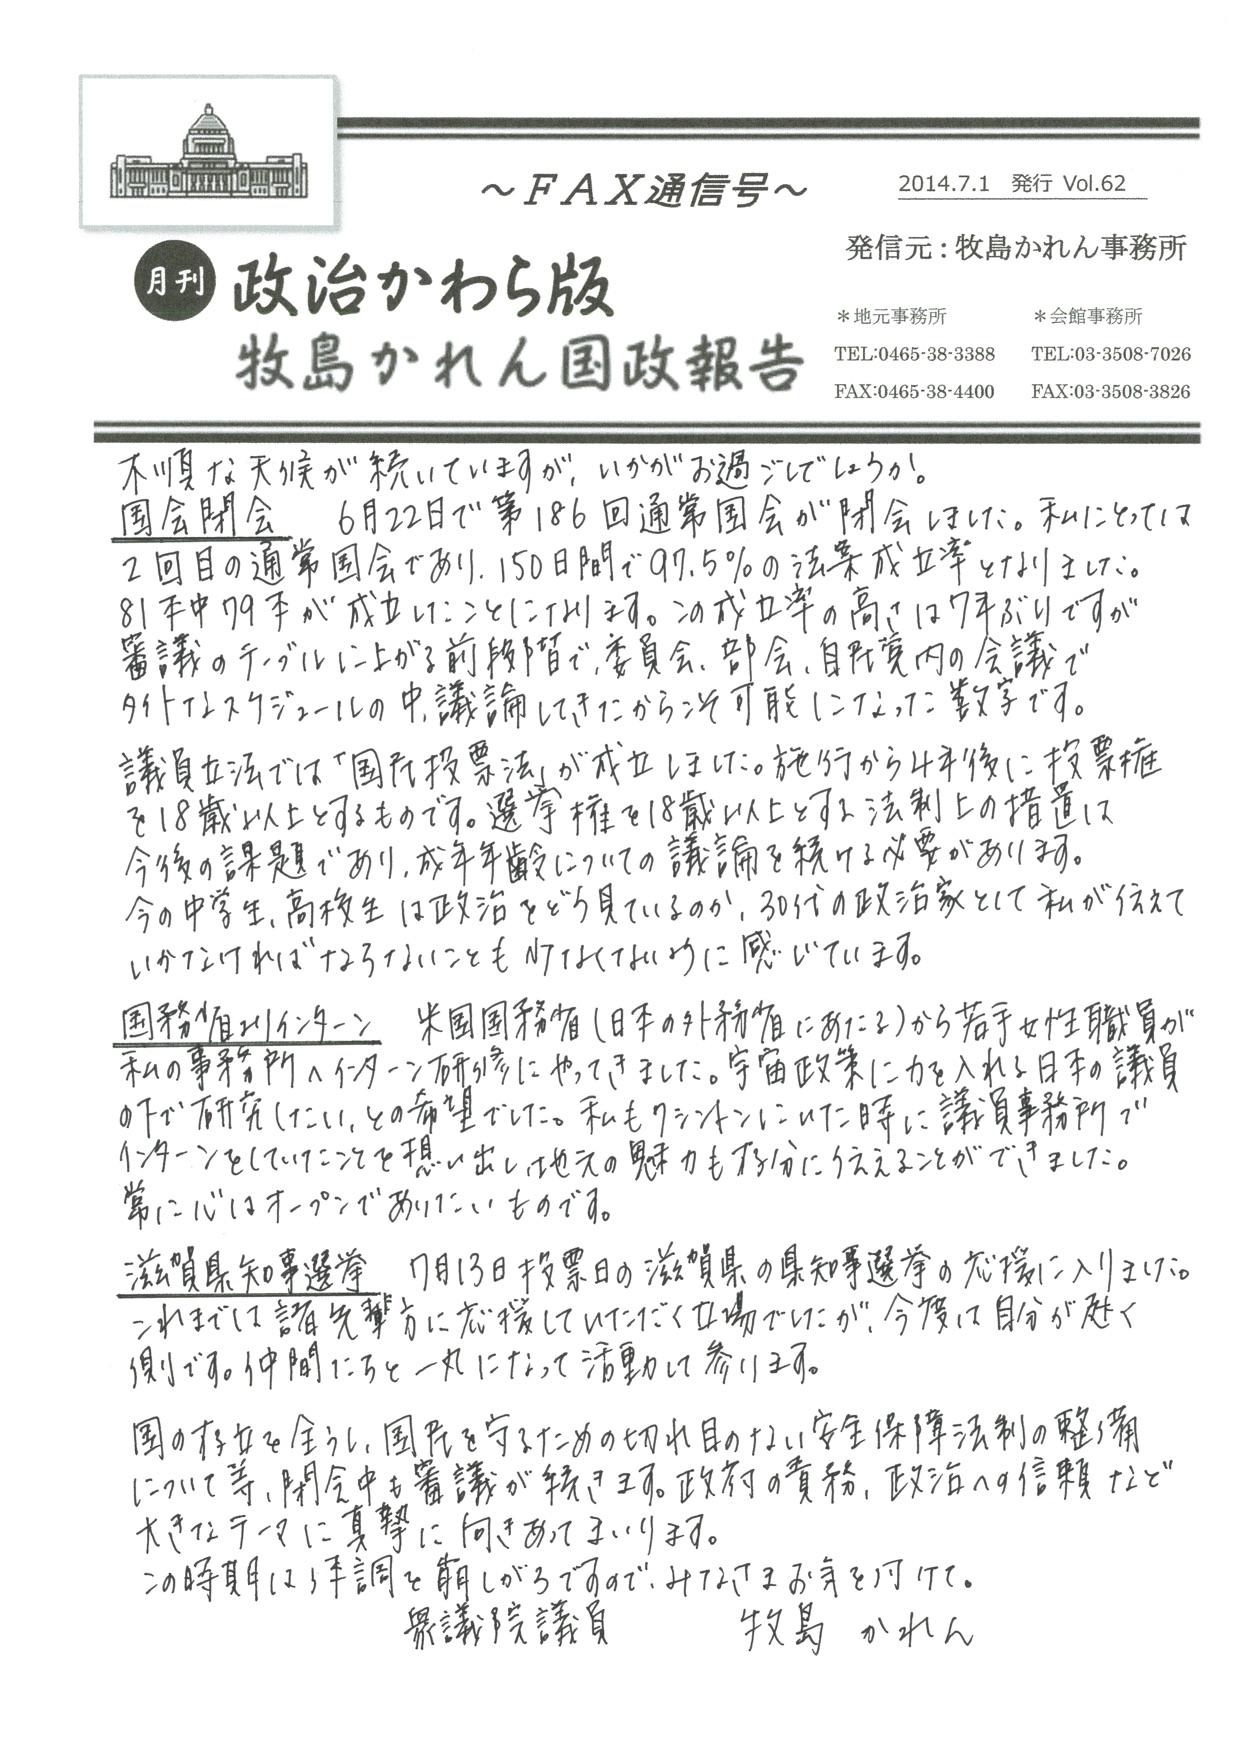 牧島かれん 政治かわら版7月号 Vol.62